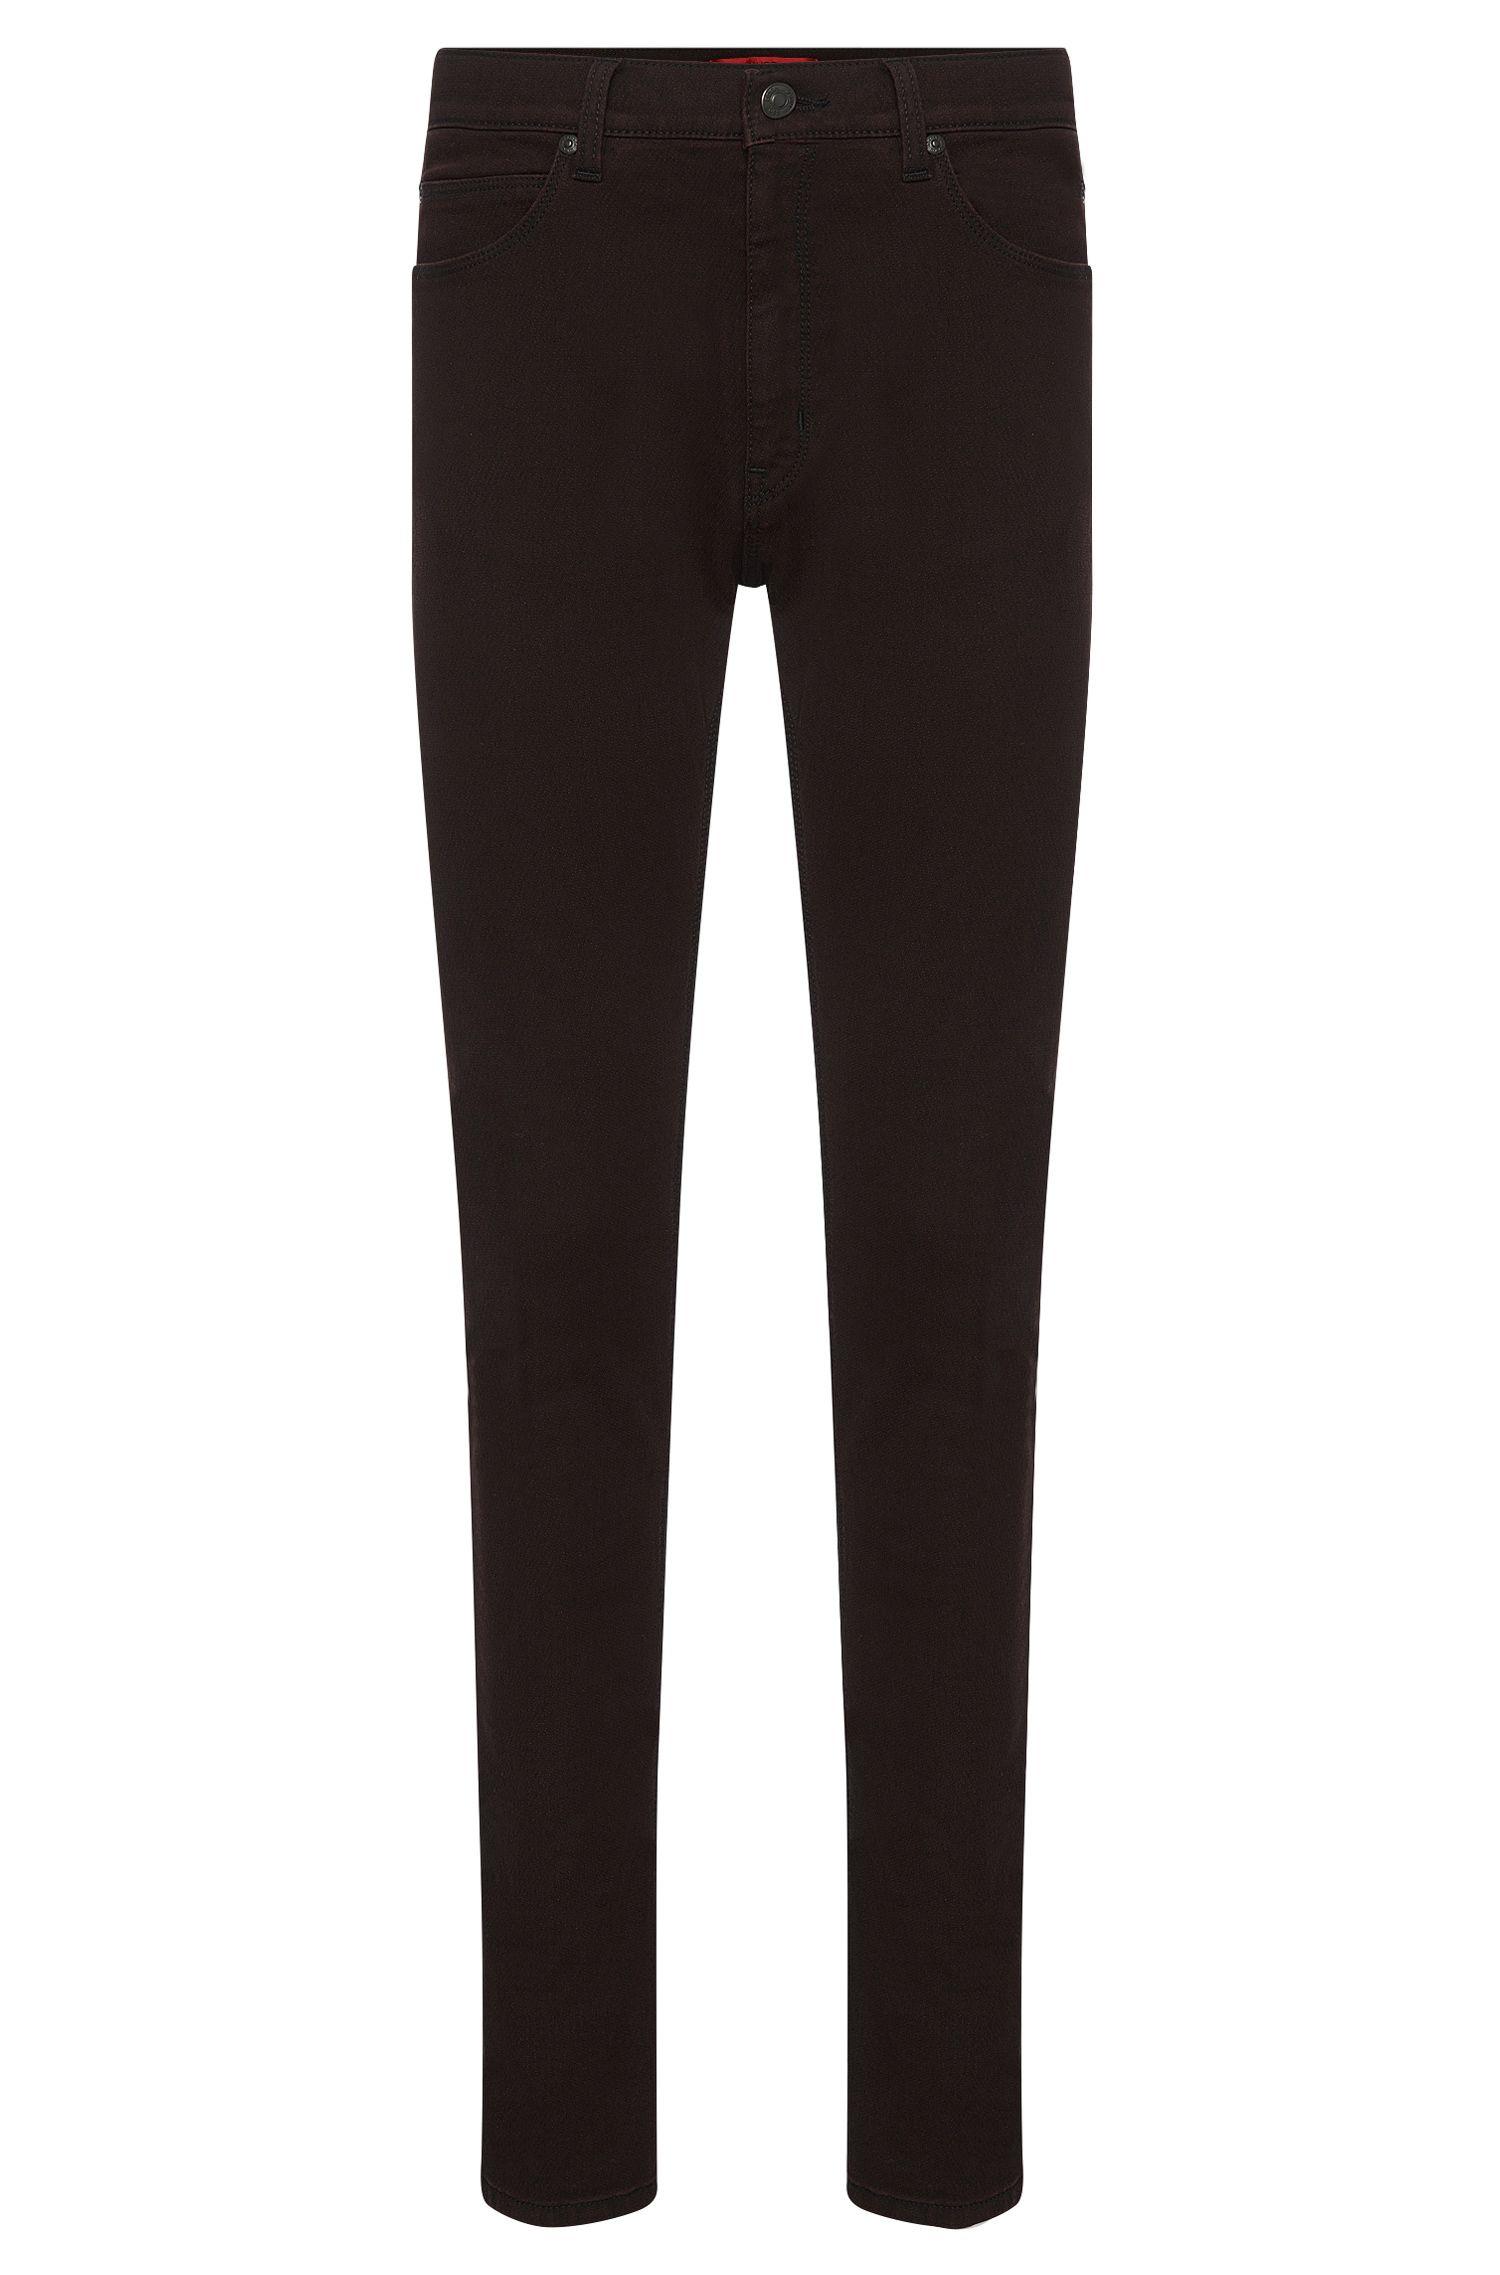 Gemusterte Slim-Fit Jeans aus elastischem Baumwoll-Mix: 'HUGO 734'